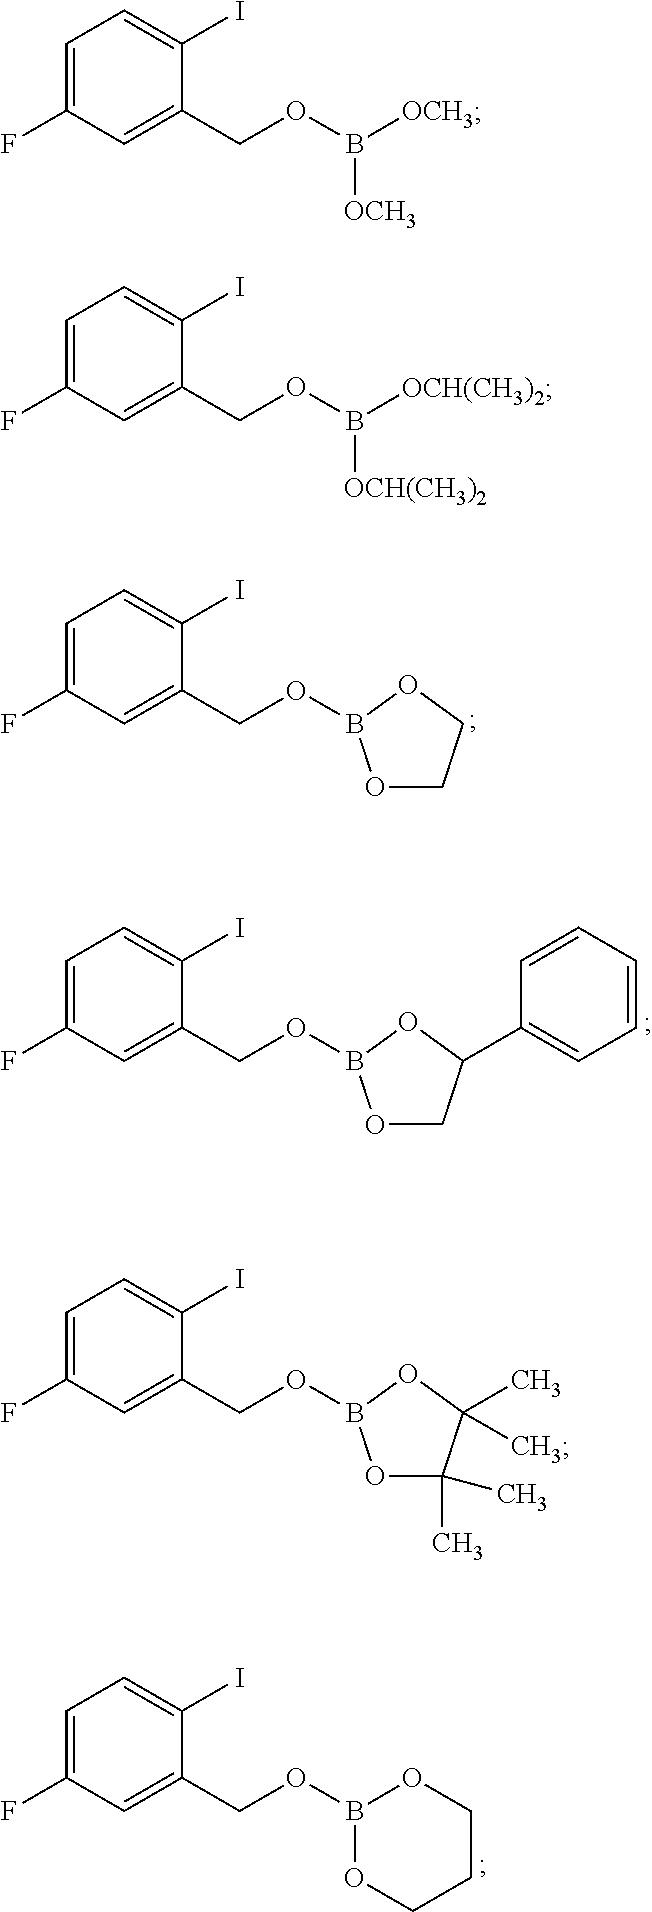 Figure US09566289-20170214-C00106